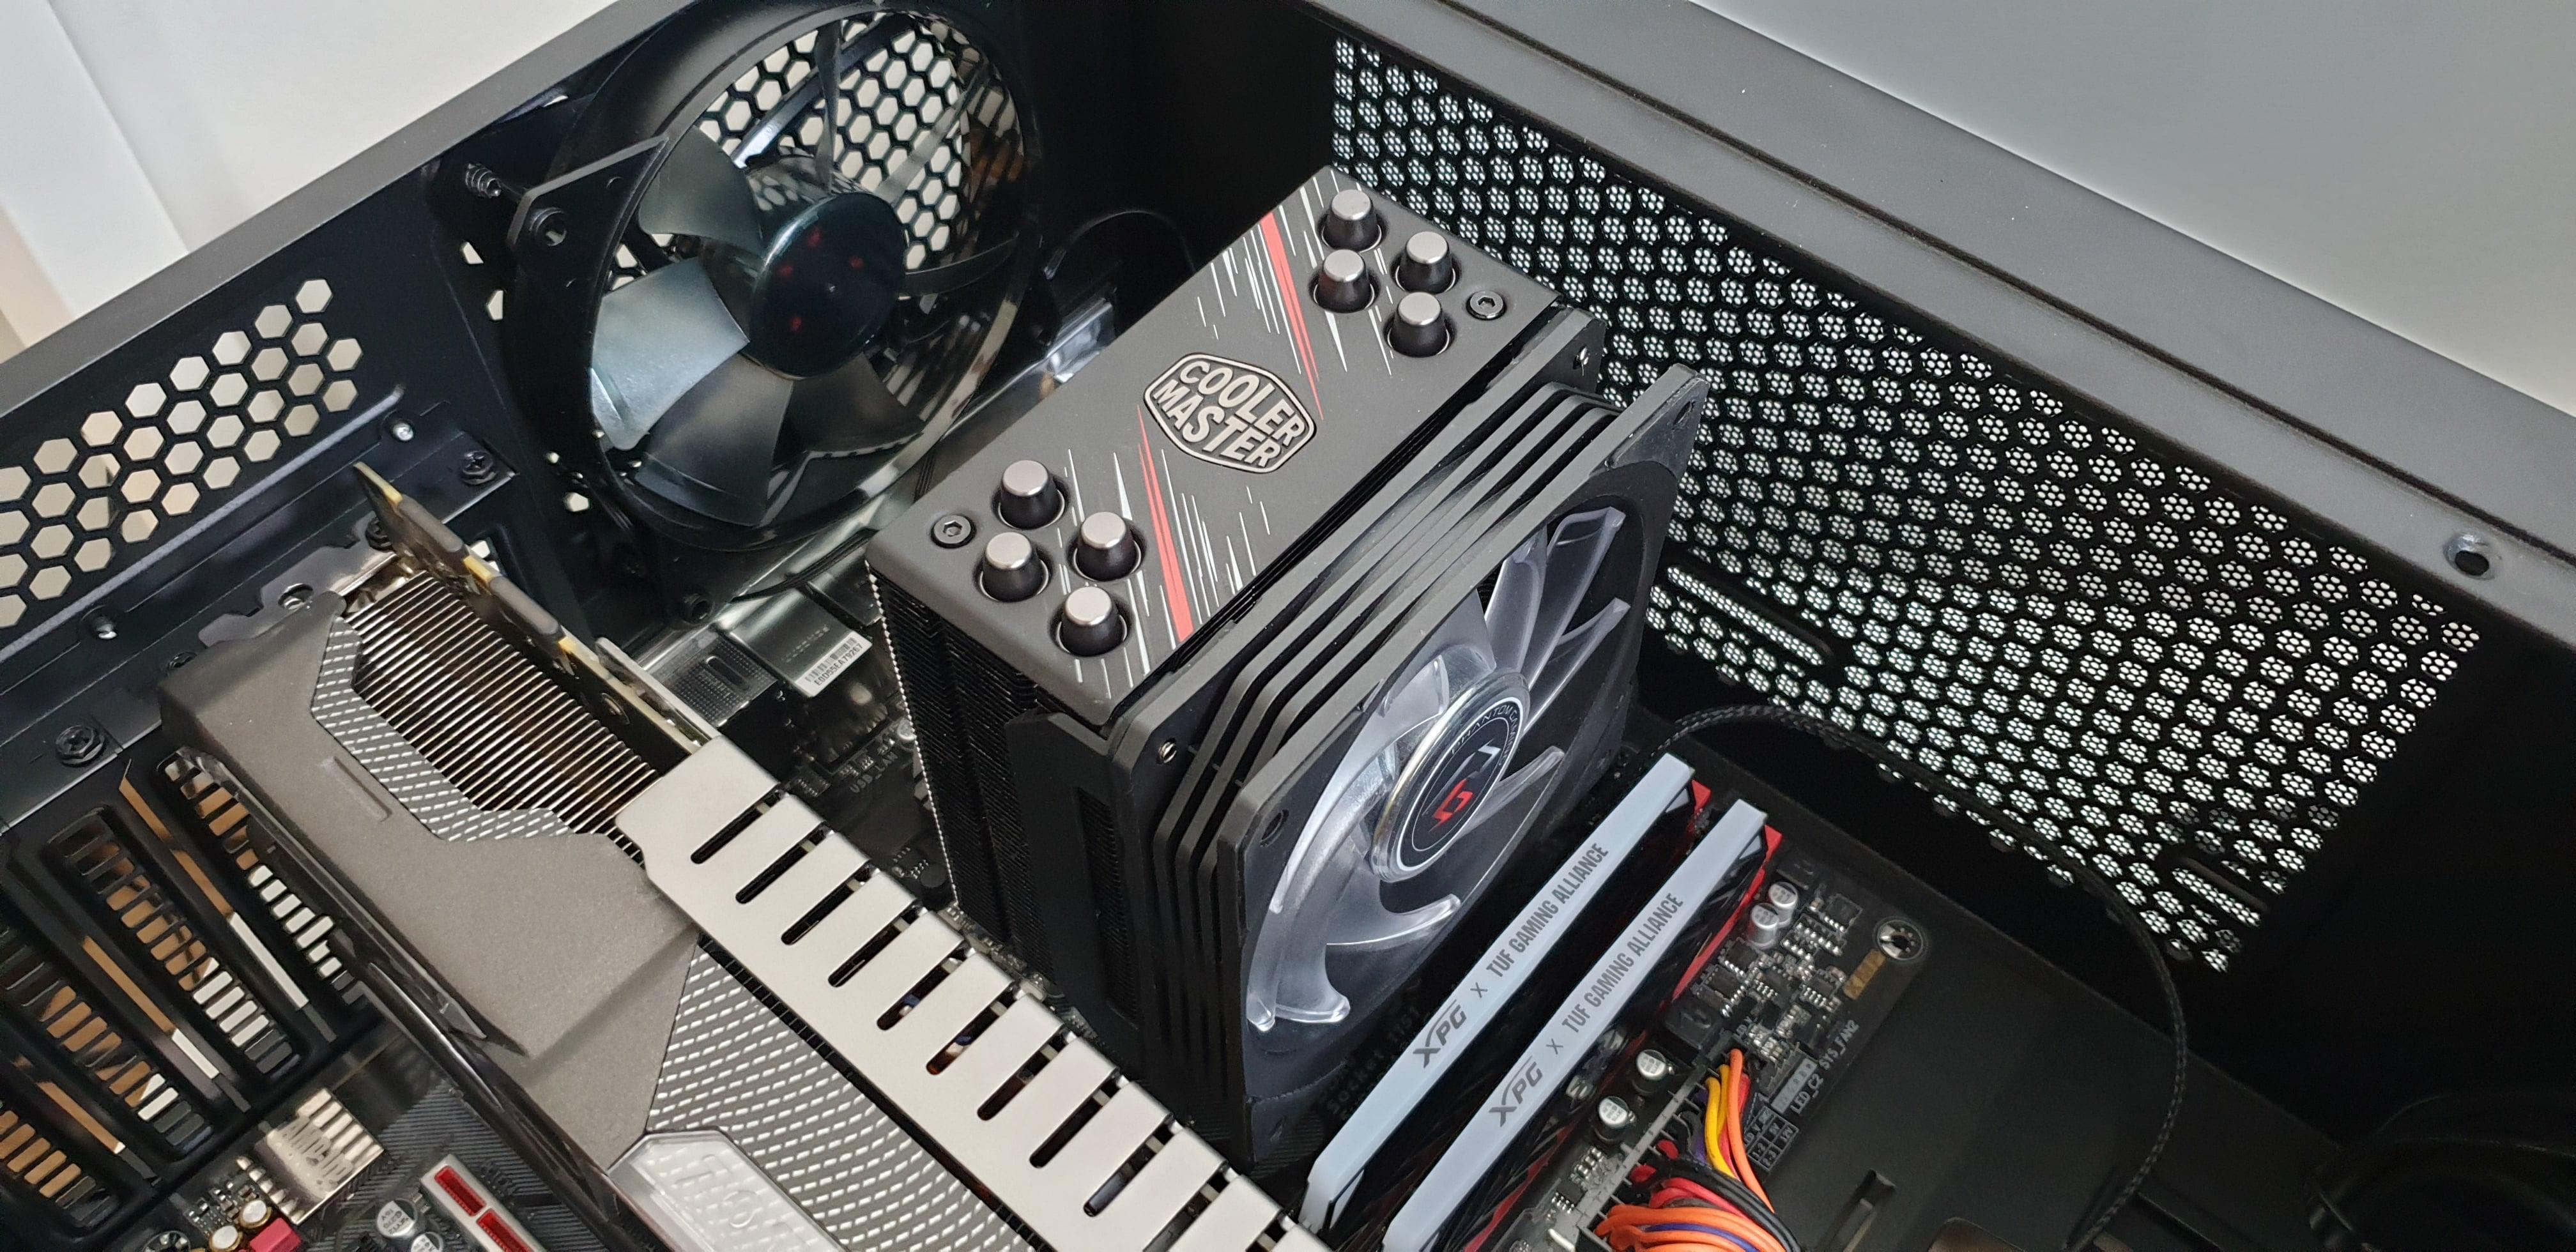 Testujemy cooler dla CPU - Cooler Master Hyper 212 RGB Phantom Gaming Edition. Warto? 39